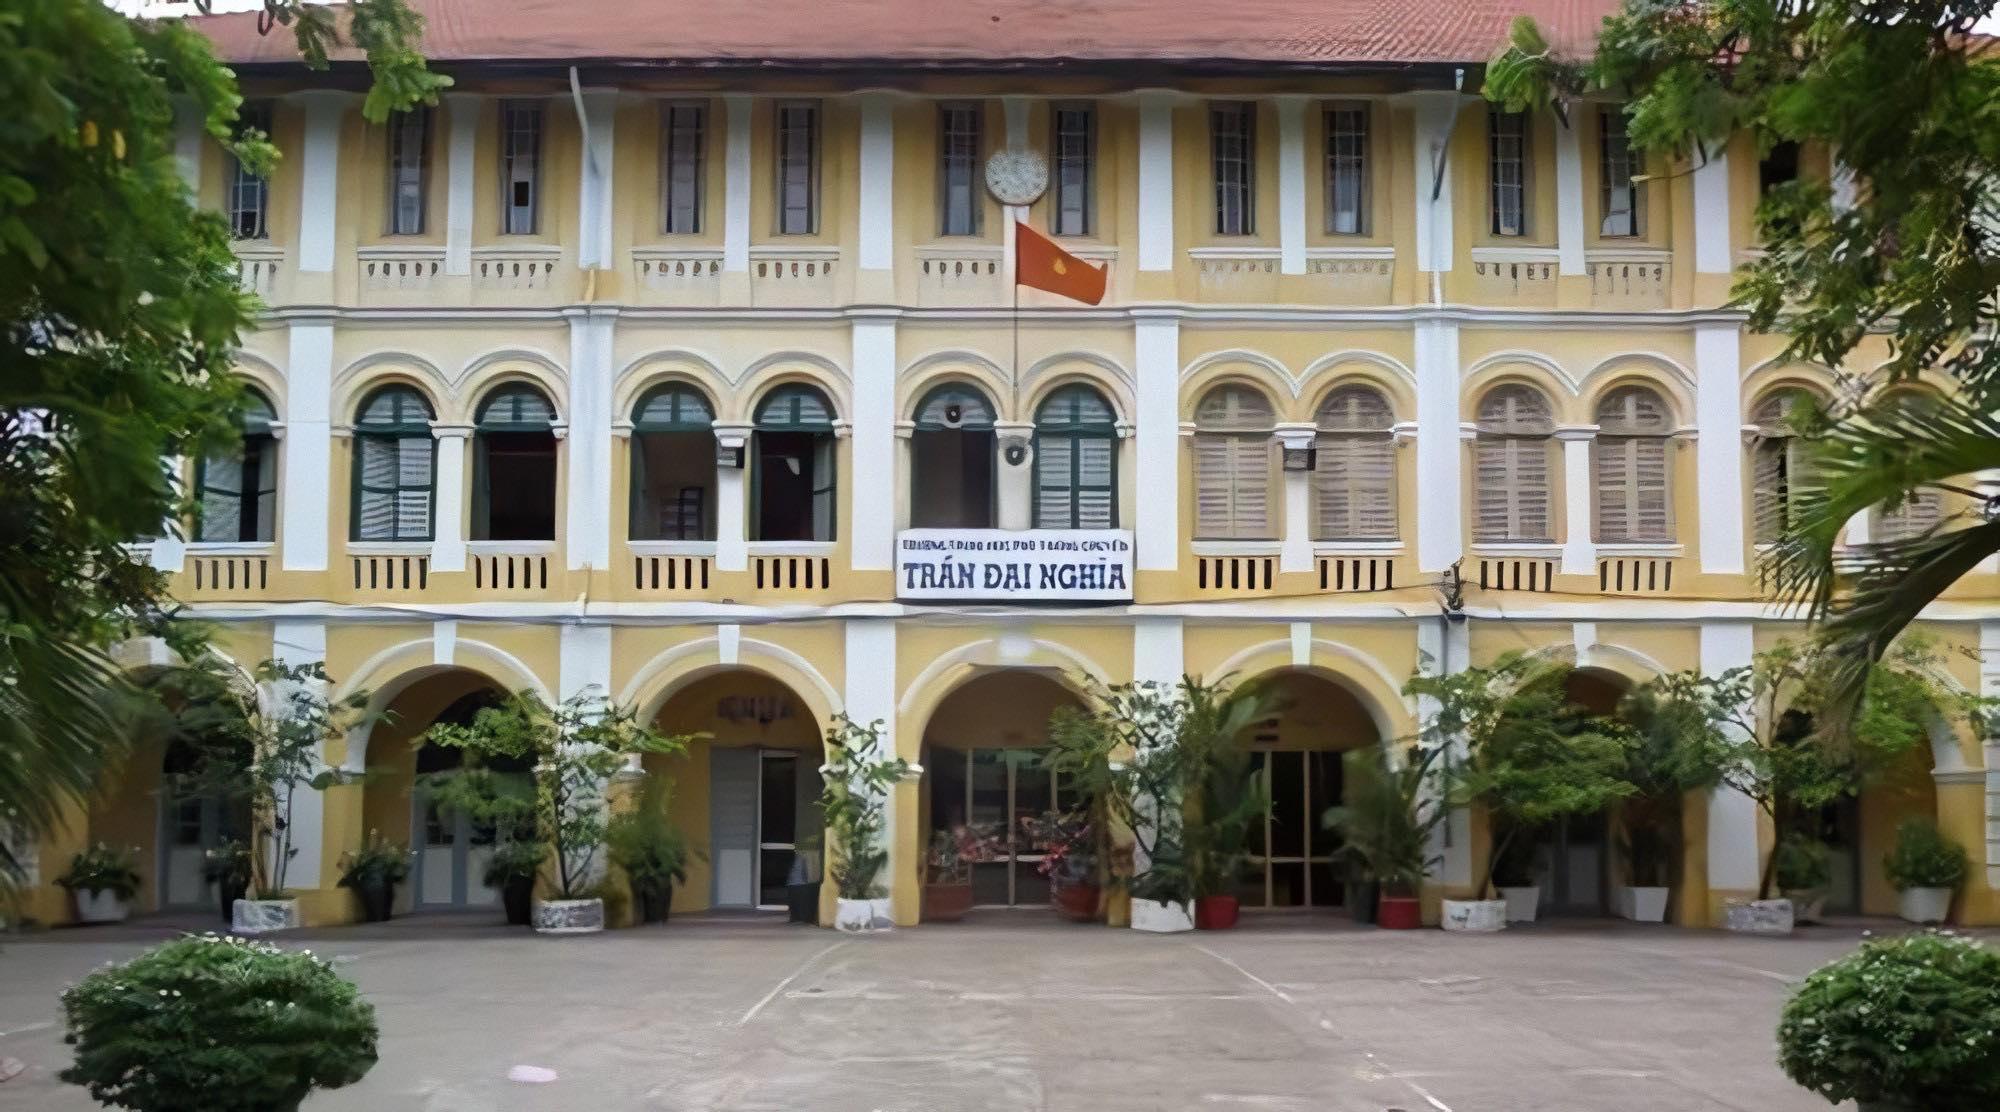 Bộ GD-ĐT khẳng định trường THCS Hà Nội-Amsterdam và Trần Đại Nghĩa không phải trường chuyên, cha mẹ tránh nhầm lẫn - Ảnh 3.